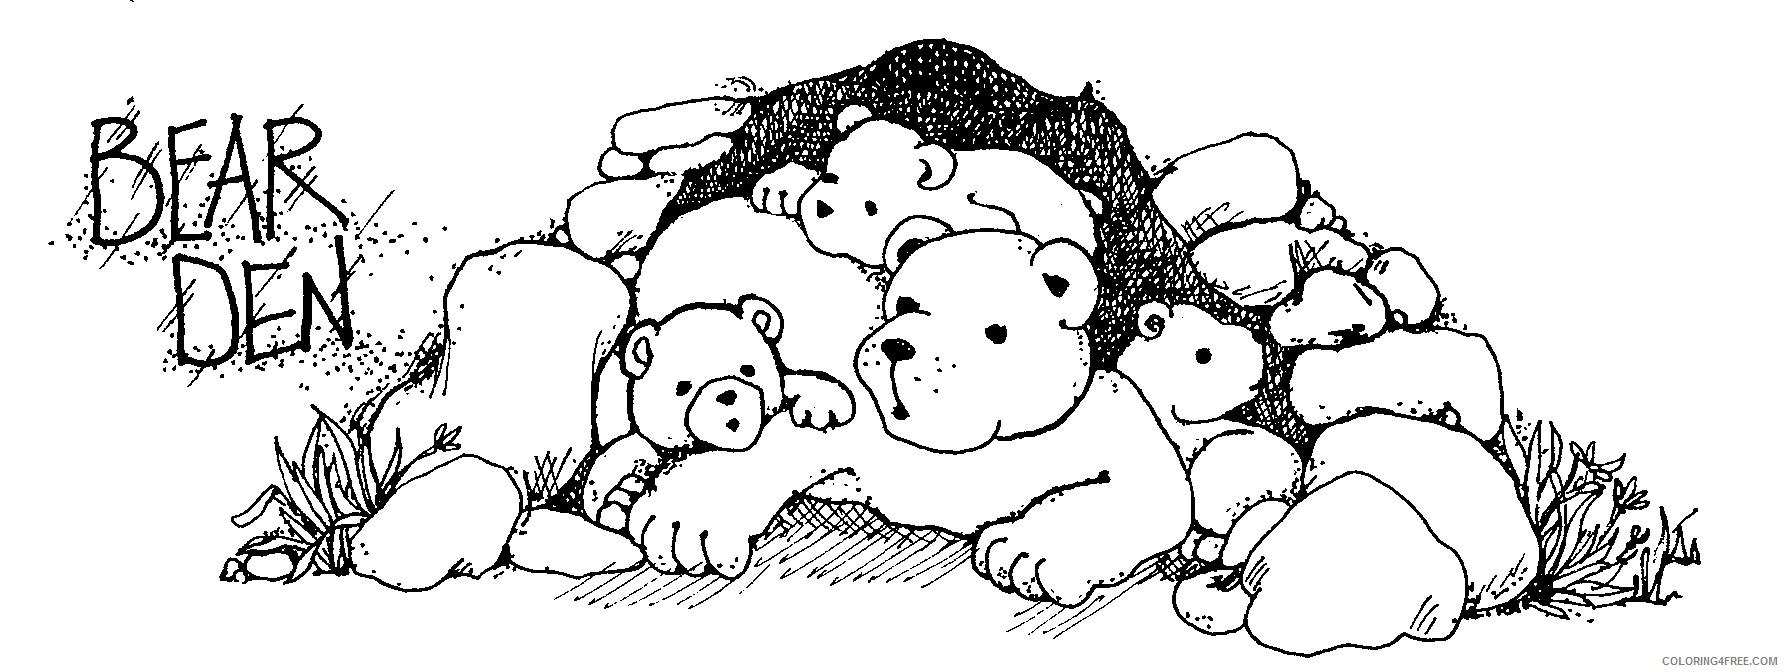 bear den 3E5B3I coloring